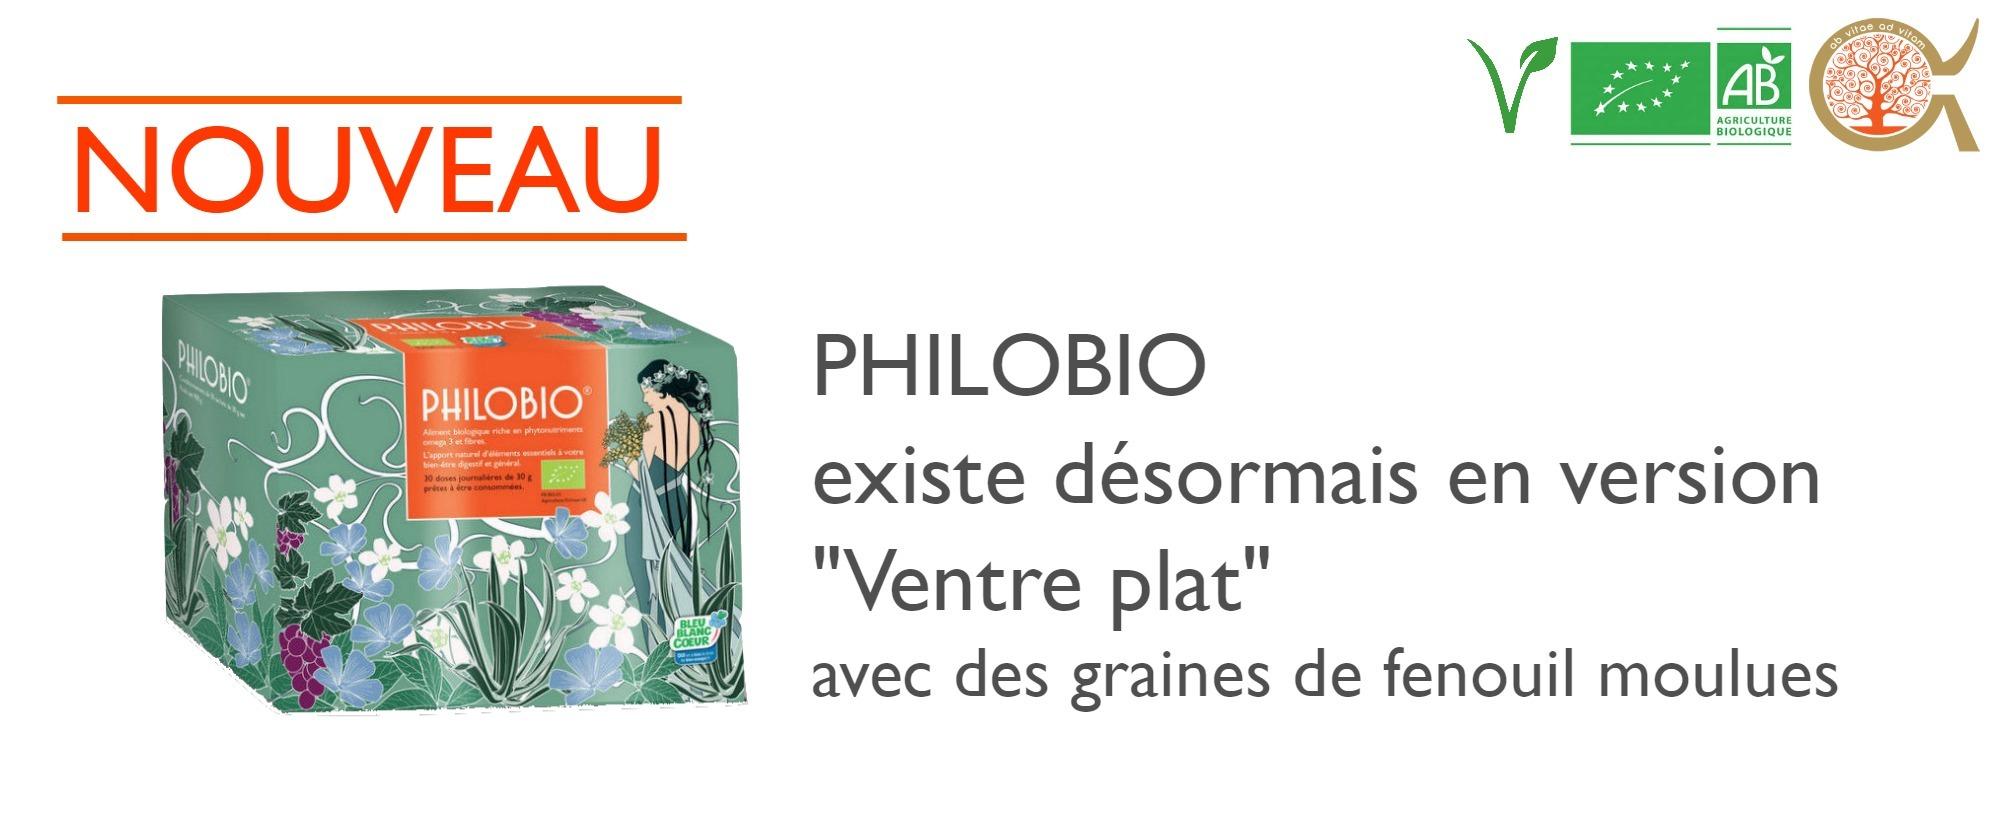 Nouveauté Philobio